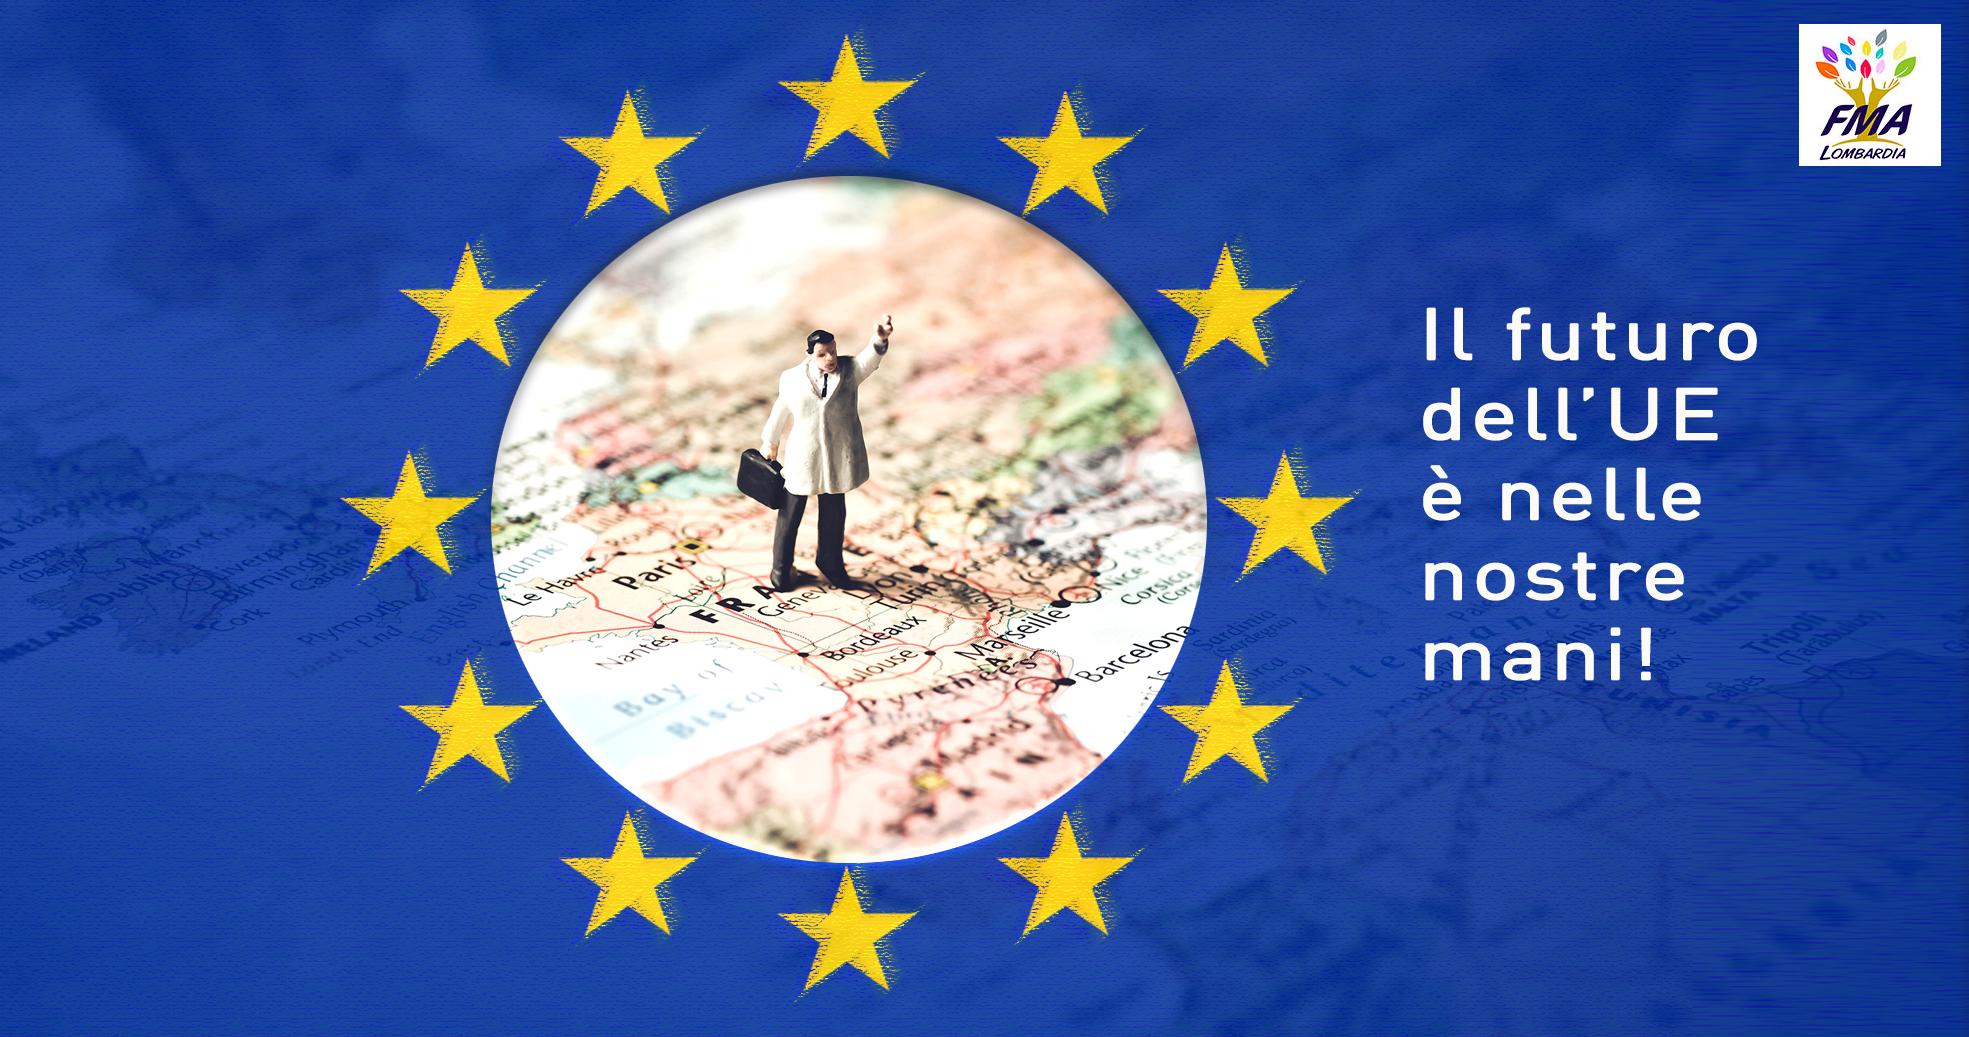 L'Unione Europea ieri e oggi